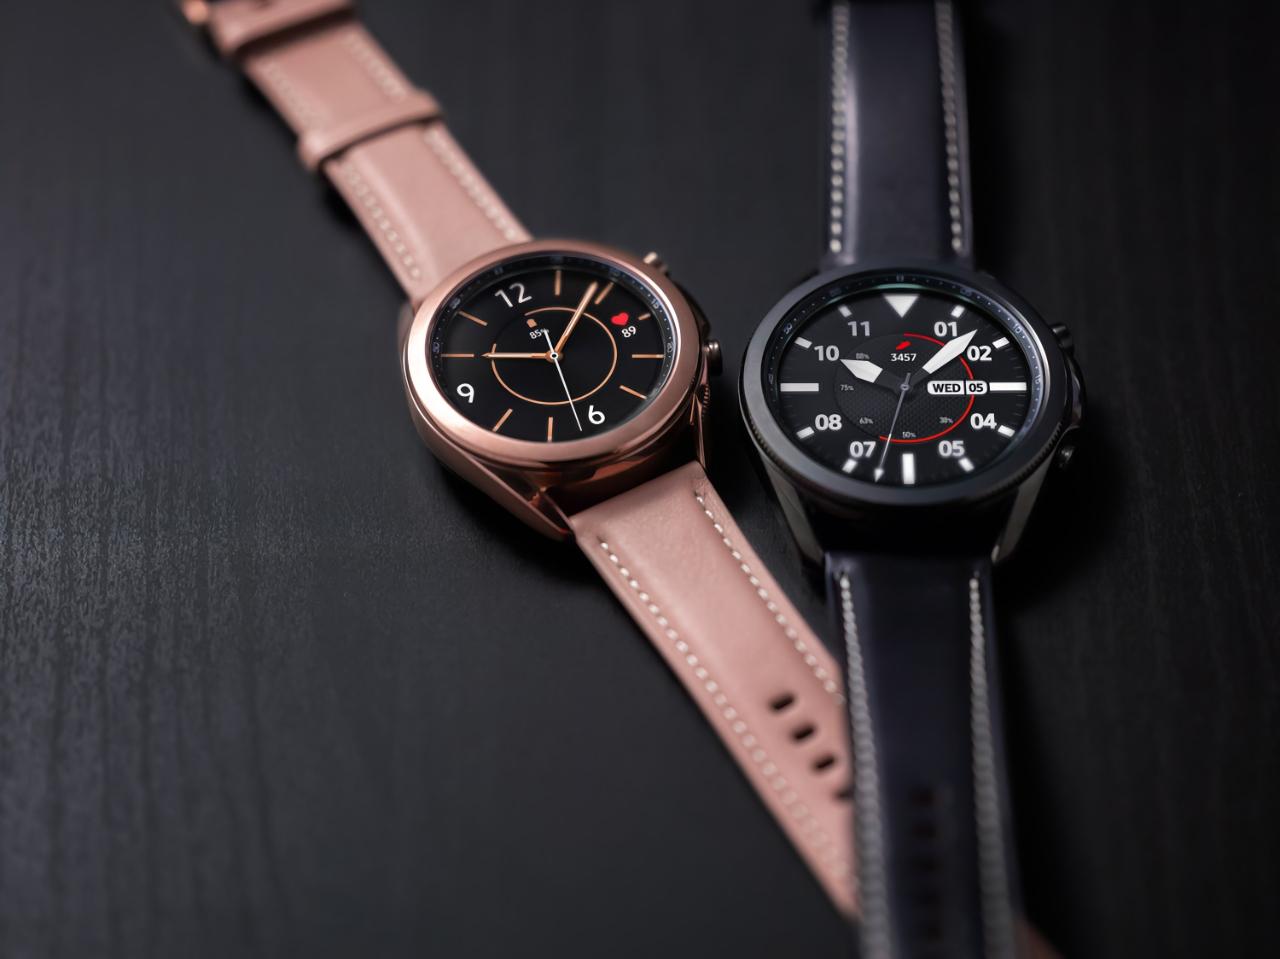 Samsung с новым обновление ПО улучшила работу часов Galaxy Watch и Galaxy Watch 3